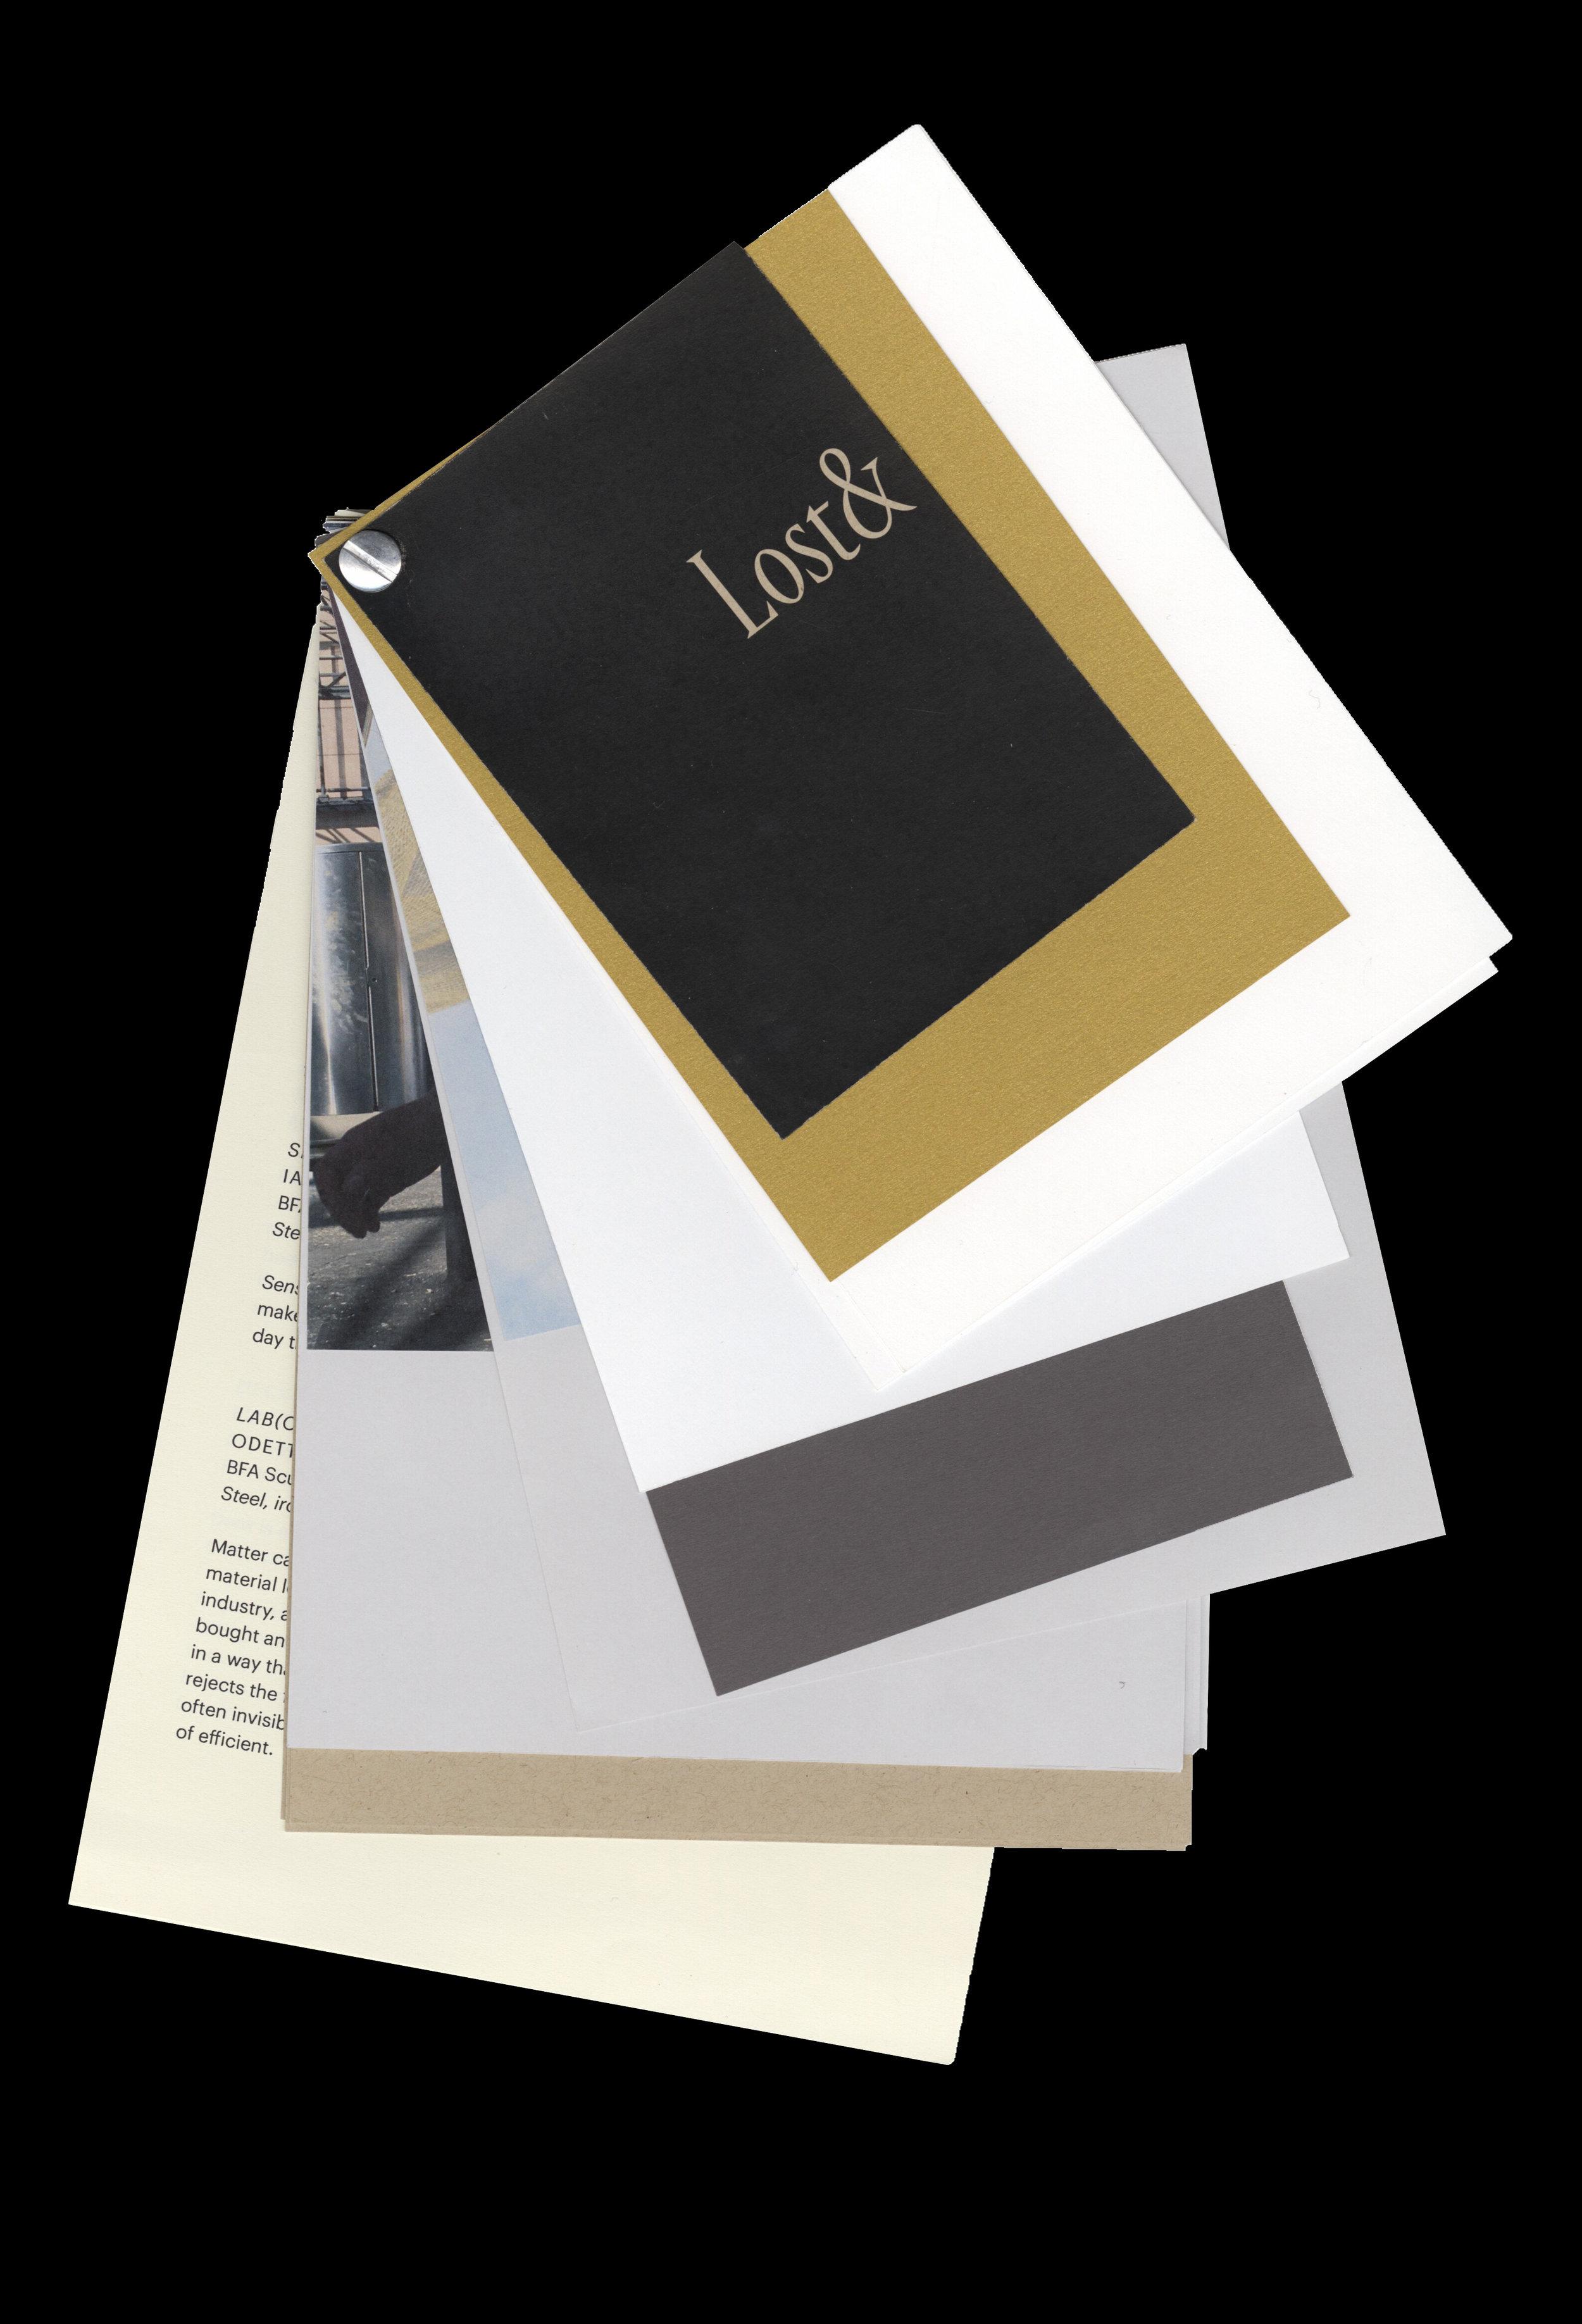 lost&catalogue copy copy.jpg